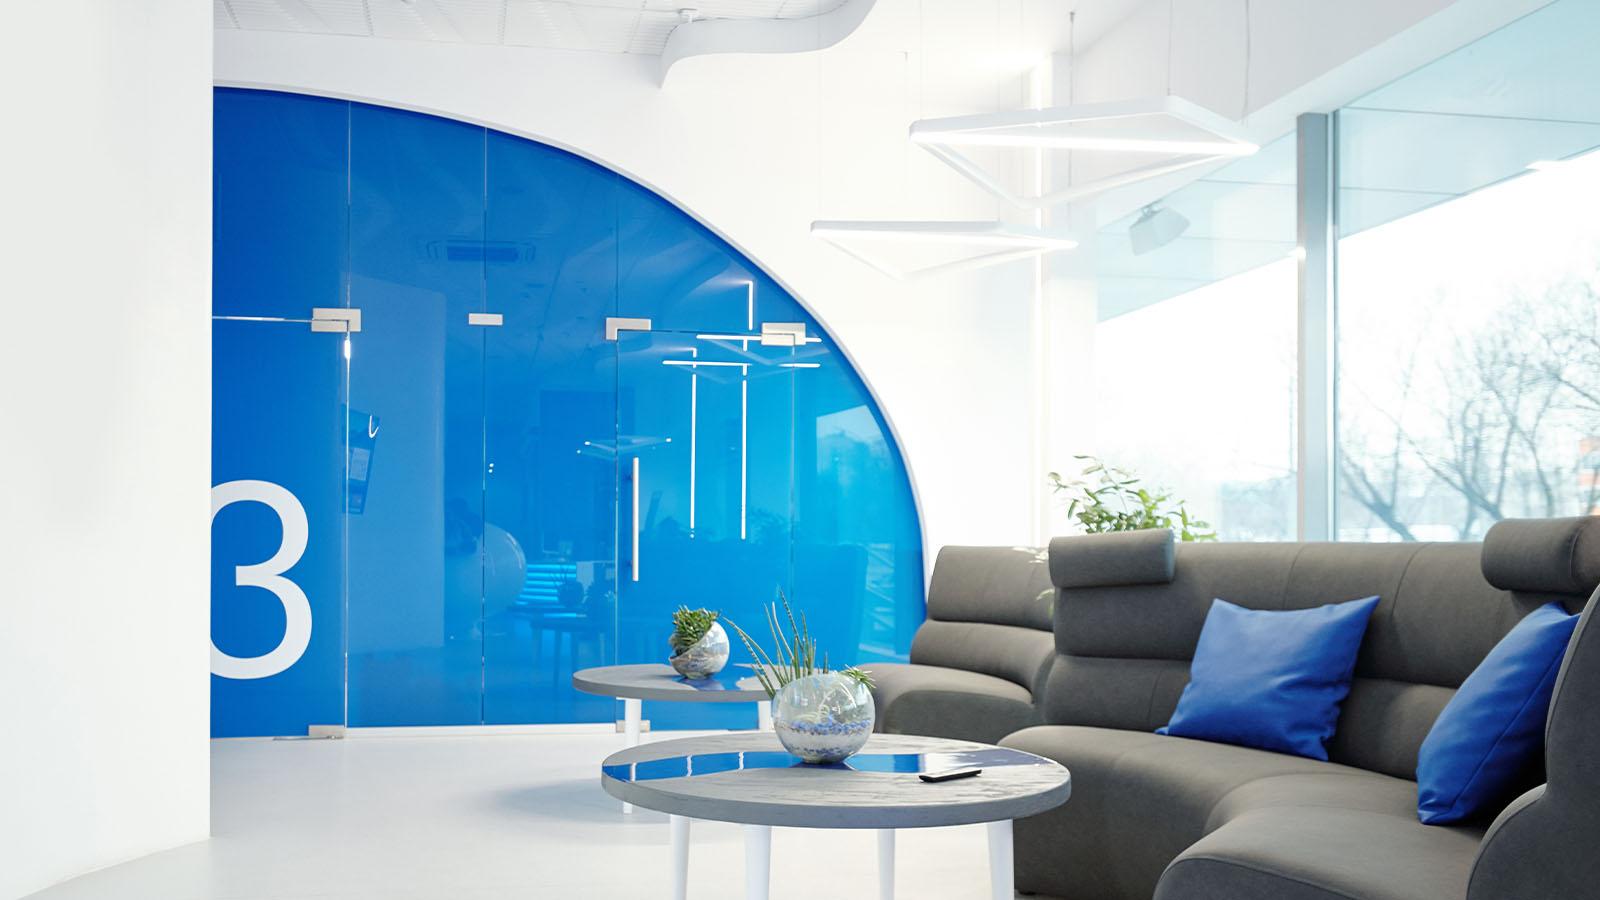 Glasanlage in modernem Bürogebäude